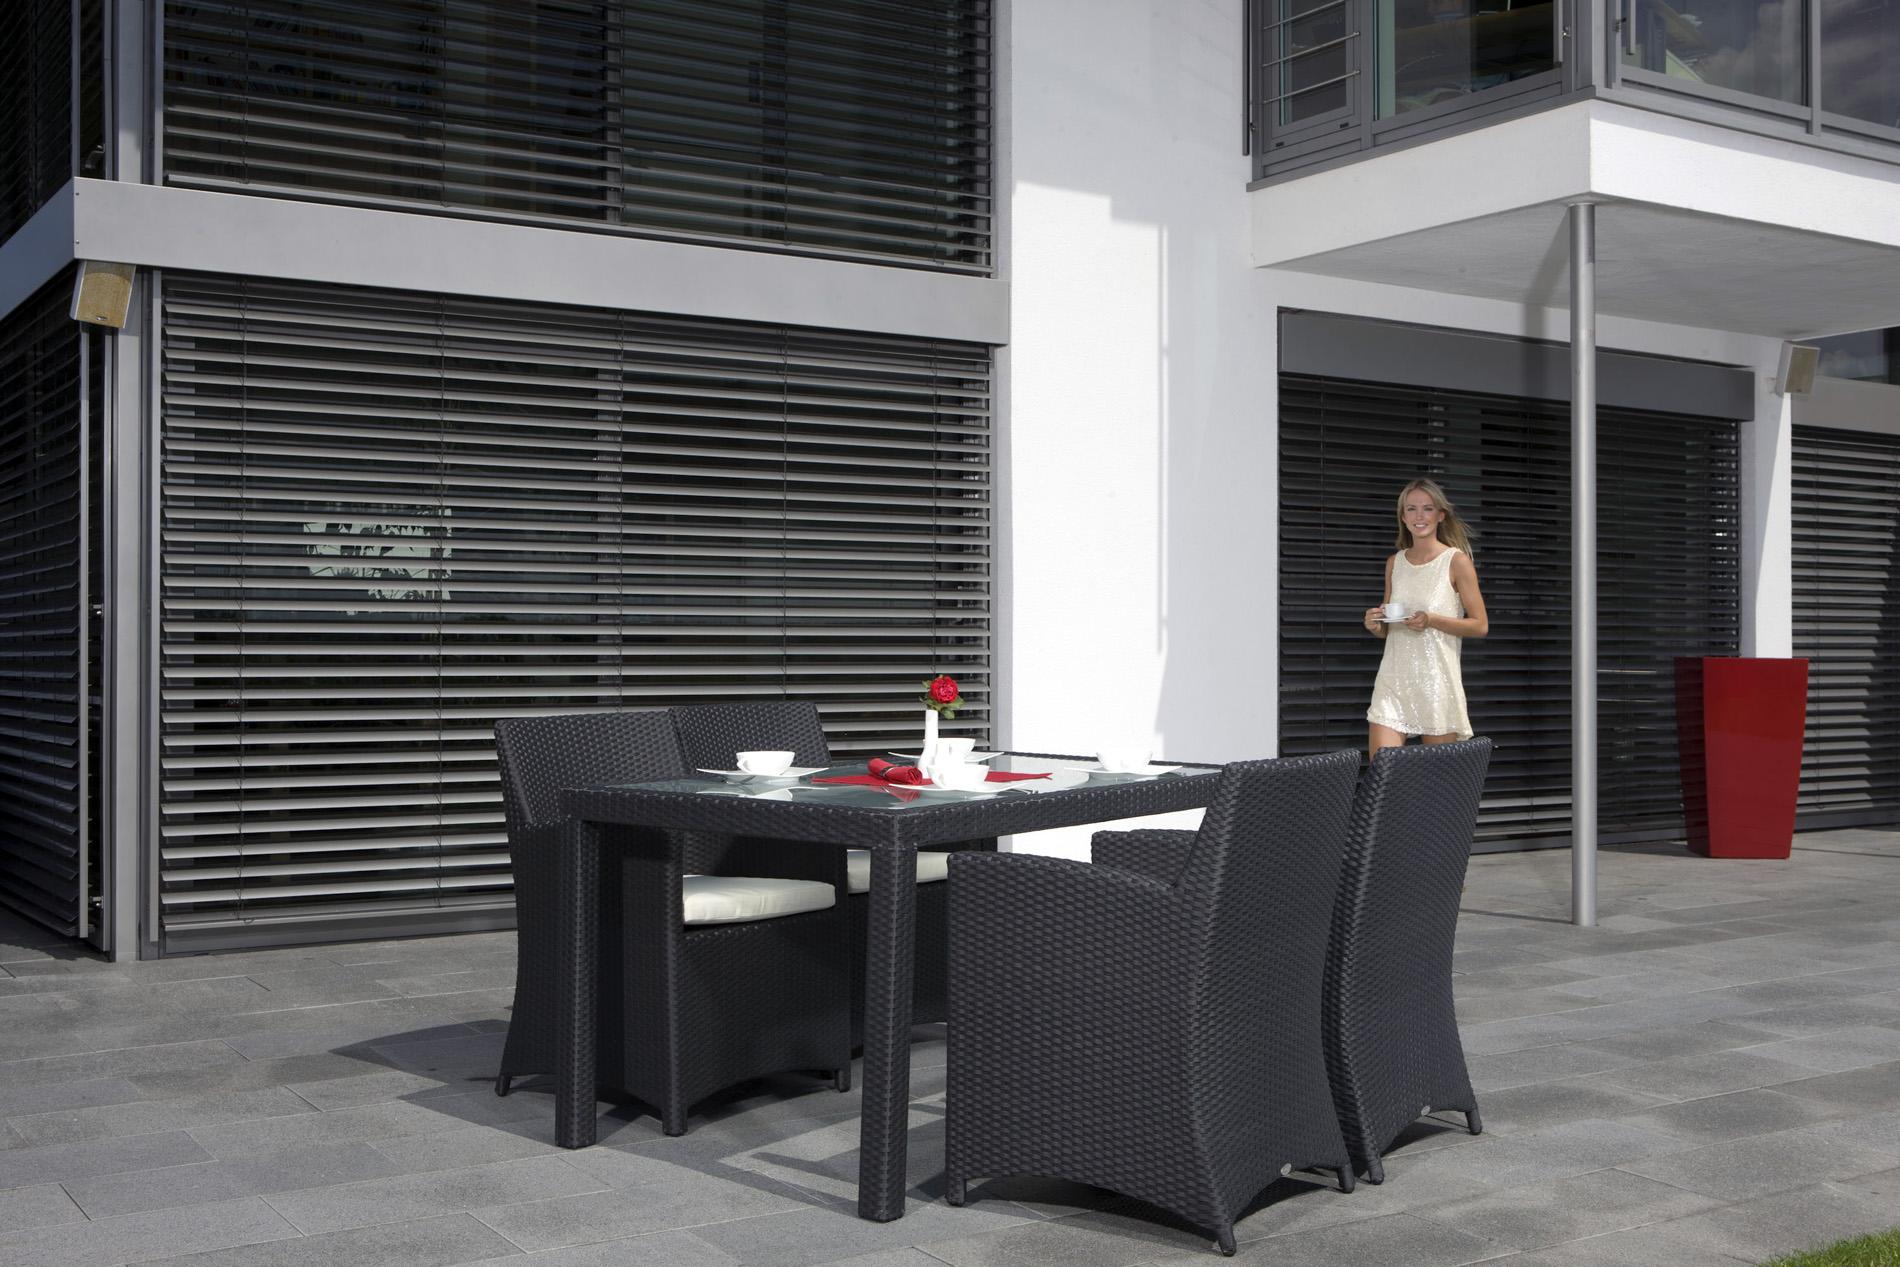 gartenmbel kaufen online inspiration gartenmbel online kaufen with gartenmbel kaufen online. Black Bedroom Furniture Sets. Home Design Ideas